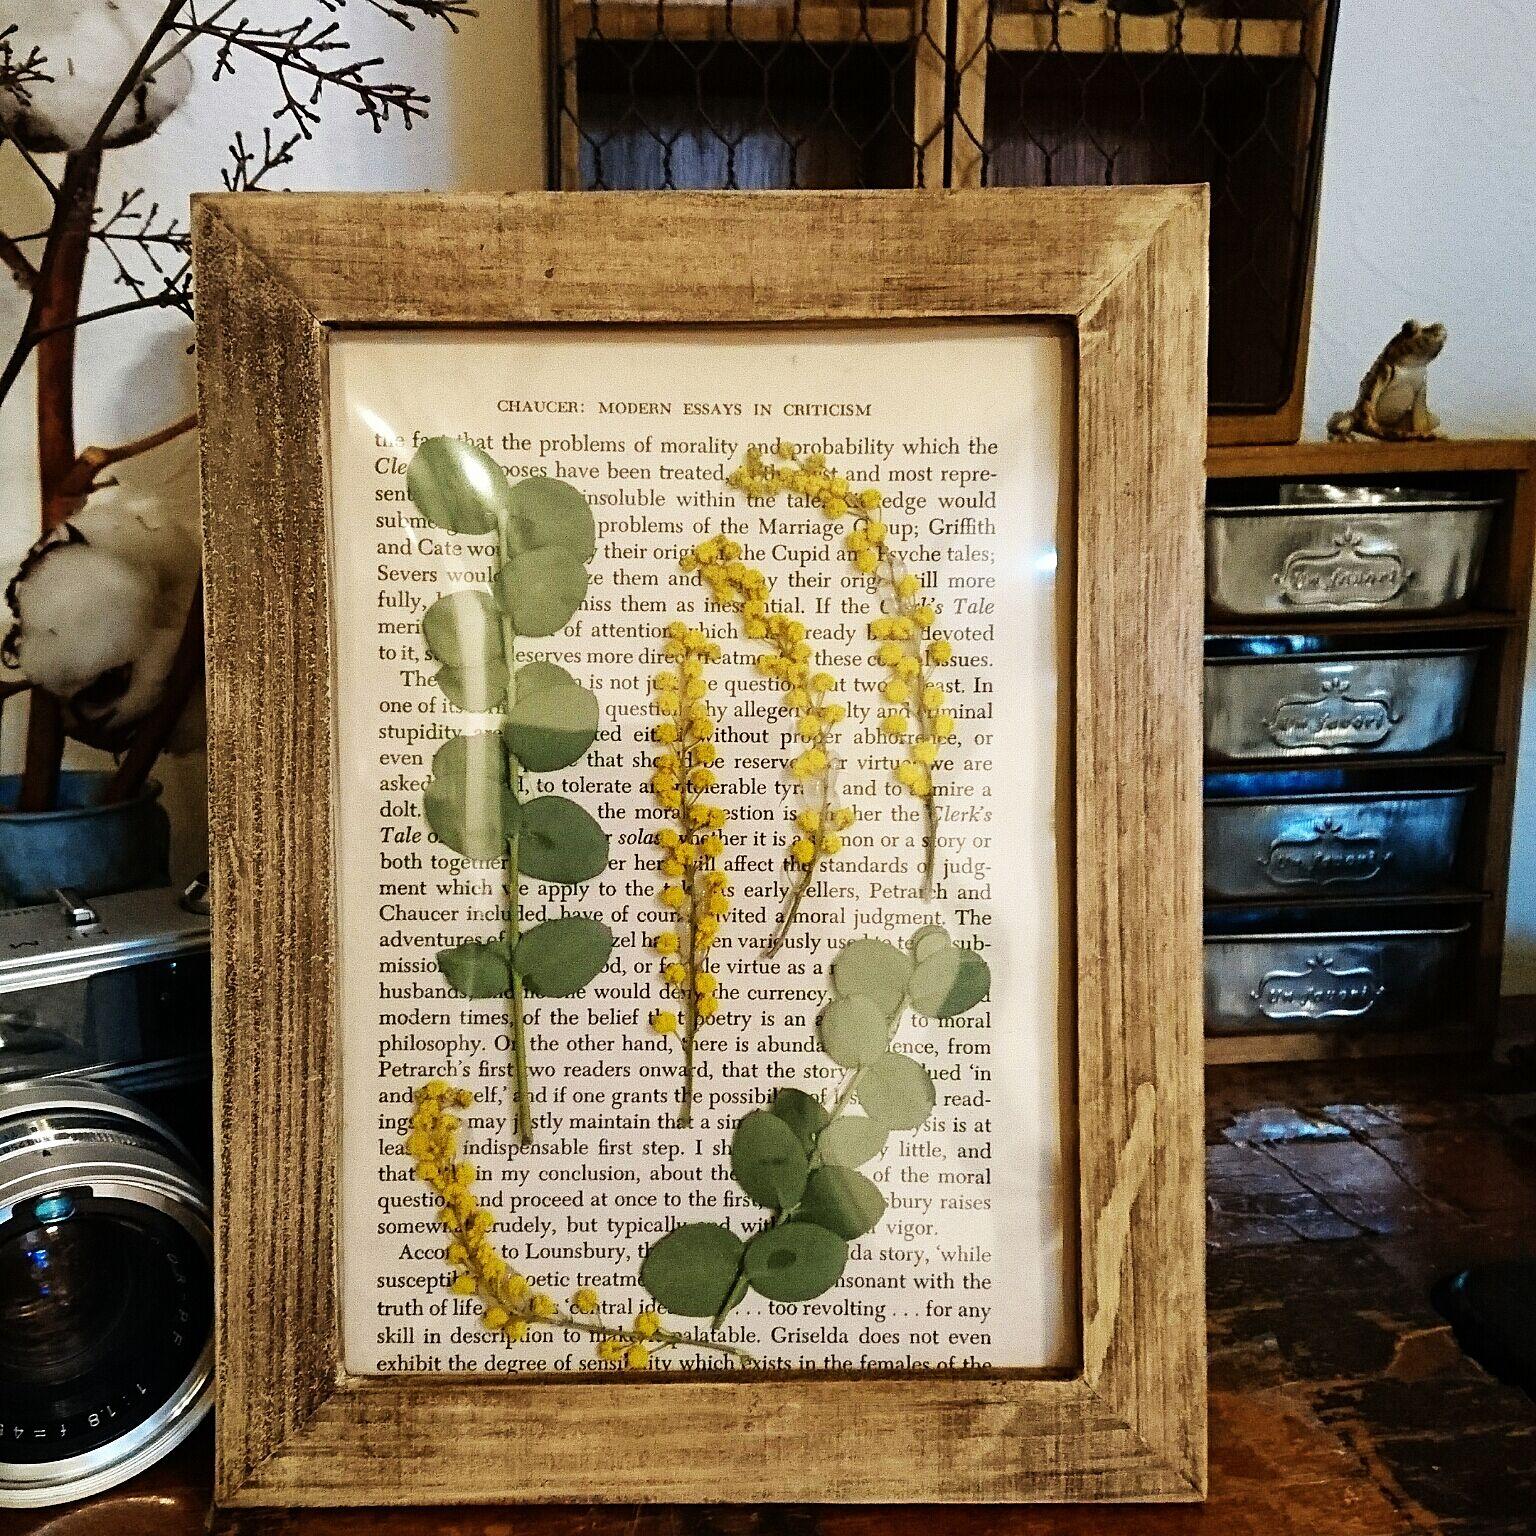 鮮やかな黄色が押し花にしても綺麗に浮かび上がります。英字新聞風のペーパーを台紙に、シャビーな雰囲気の額もおしゃれですね。